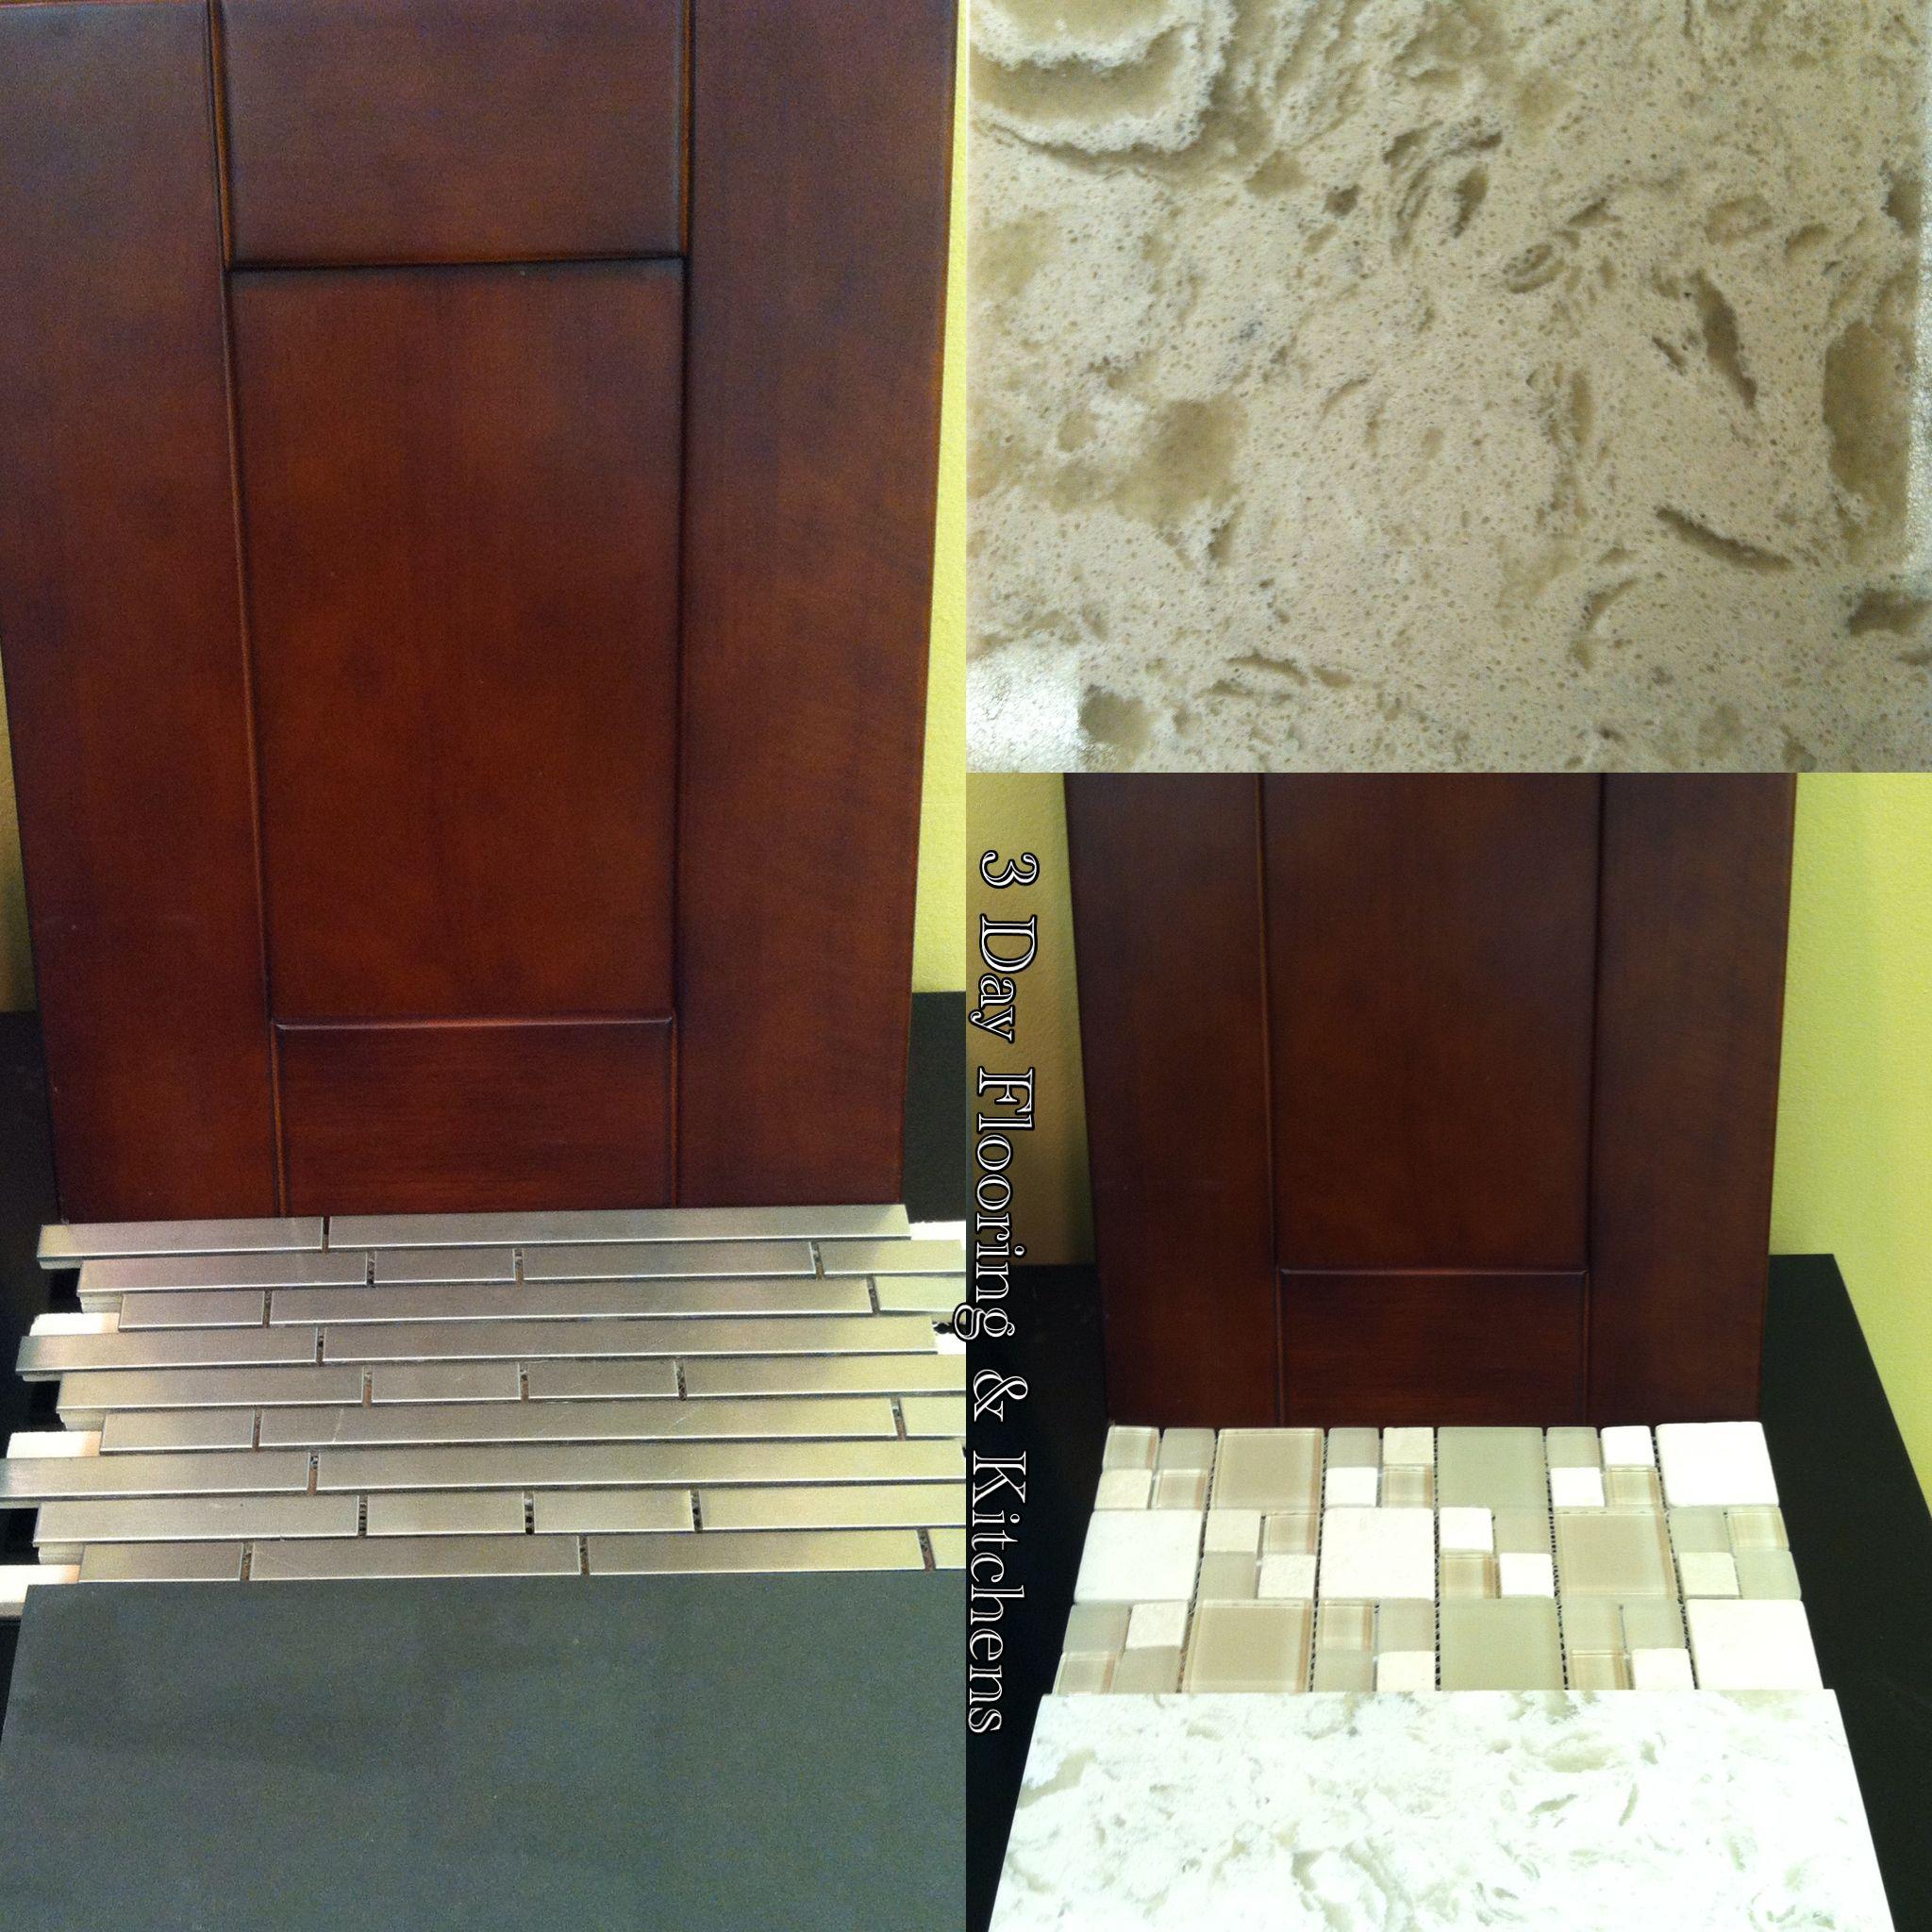 New Qortstone Arrivals Pearl And Cemento Quartz Countertops